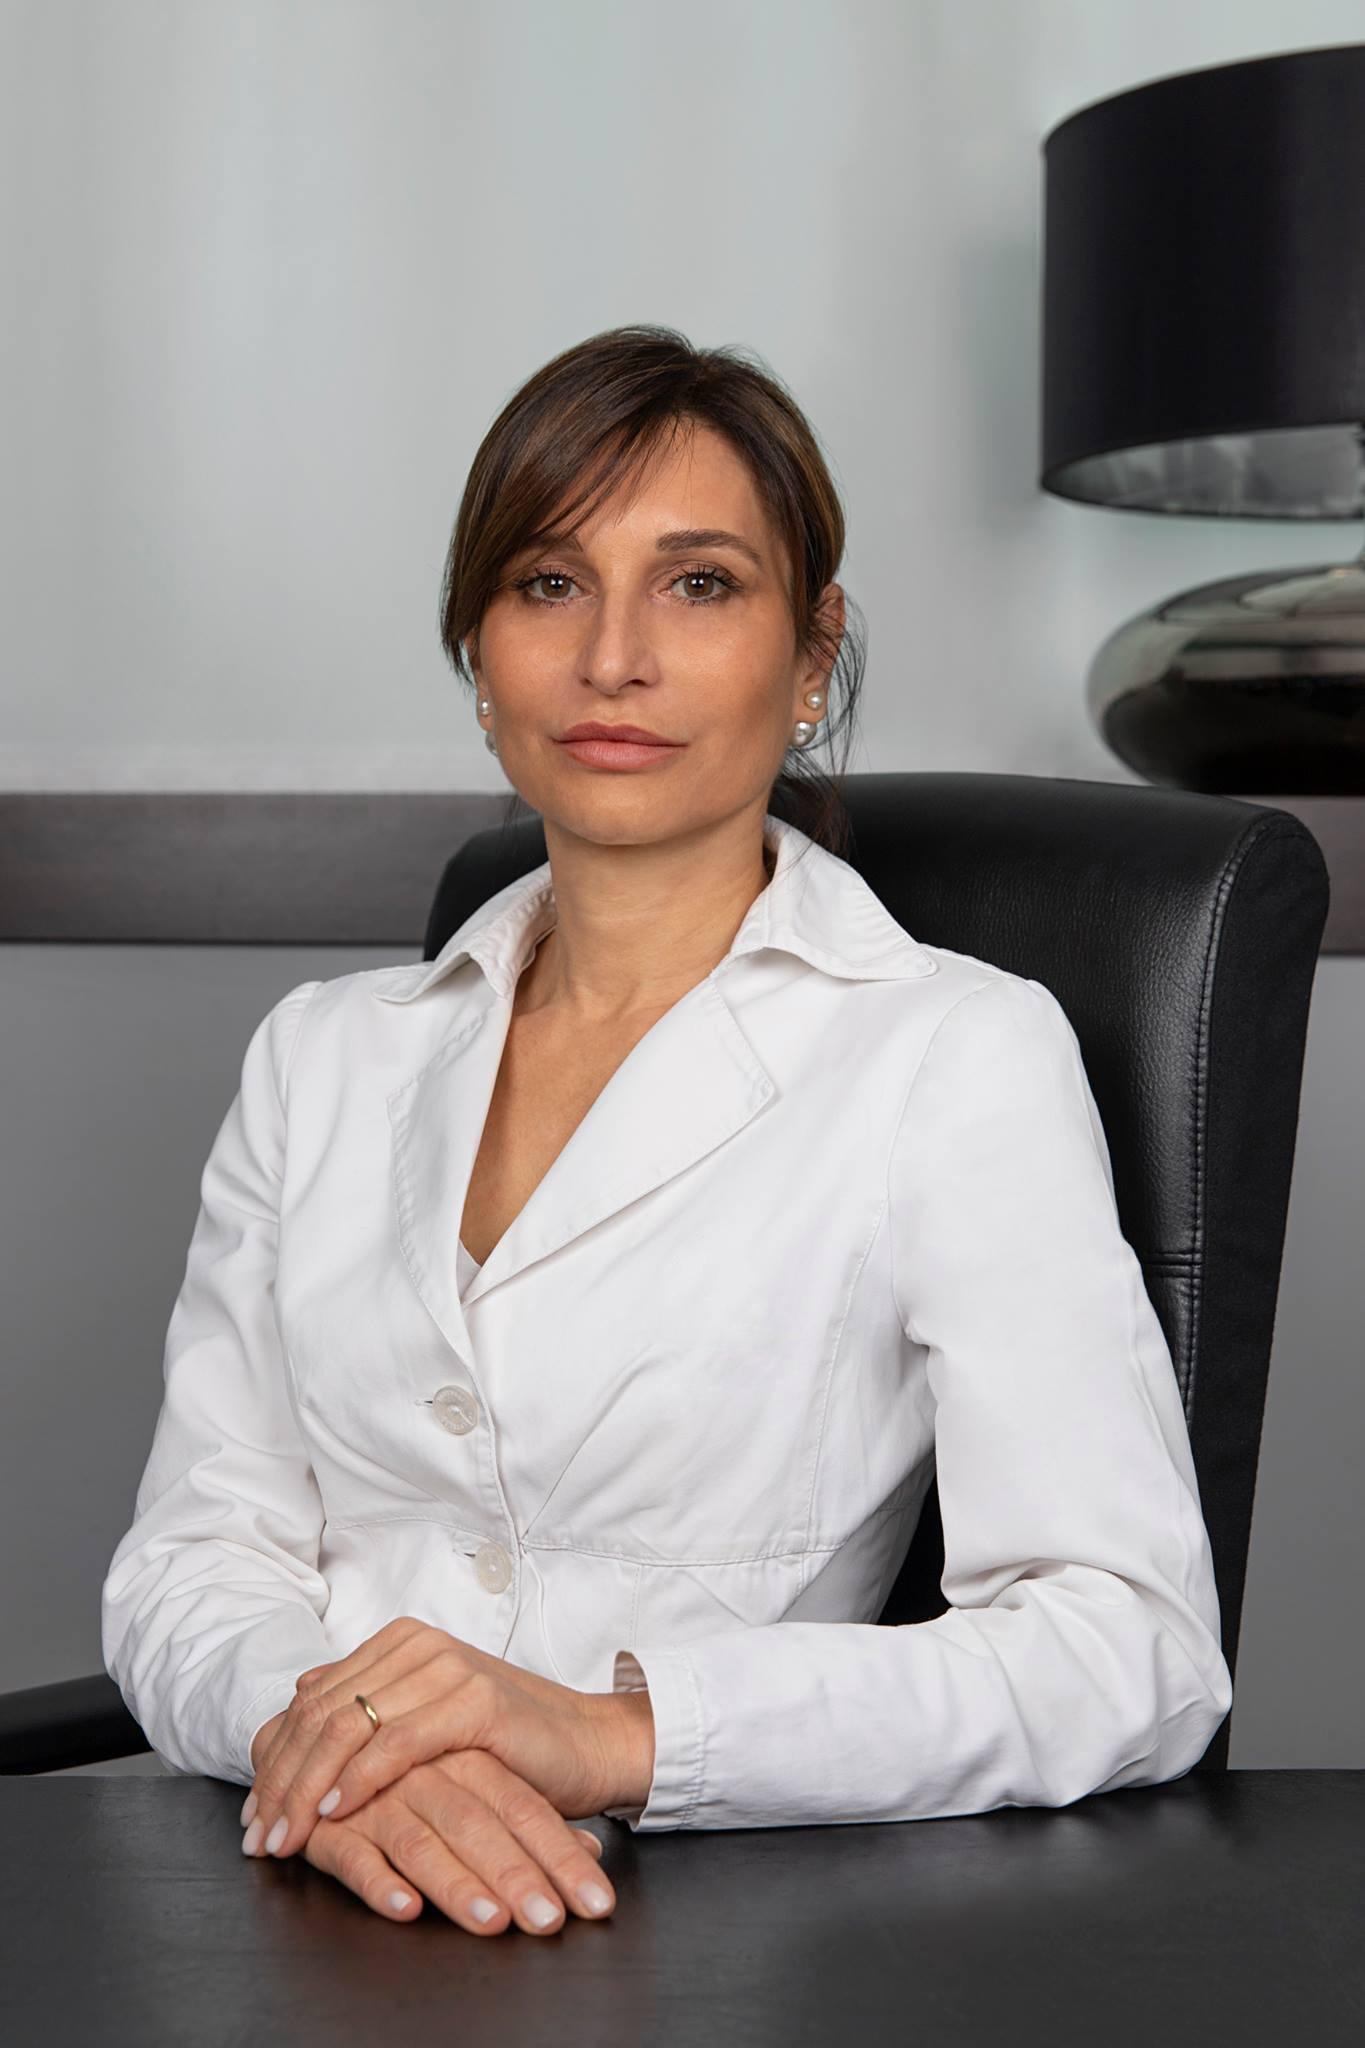 Emiliana-Giusti-la-specialista-della-cura-curarsi-con-il-cibo-migliorare-salute-mangiando-alimentazione-terapia-naturale-dietologa